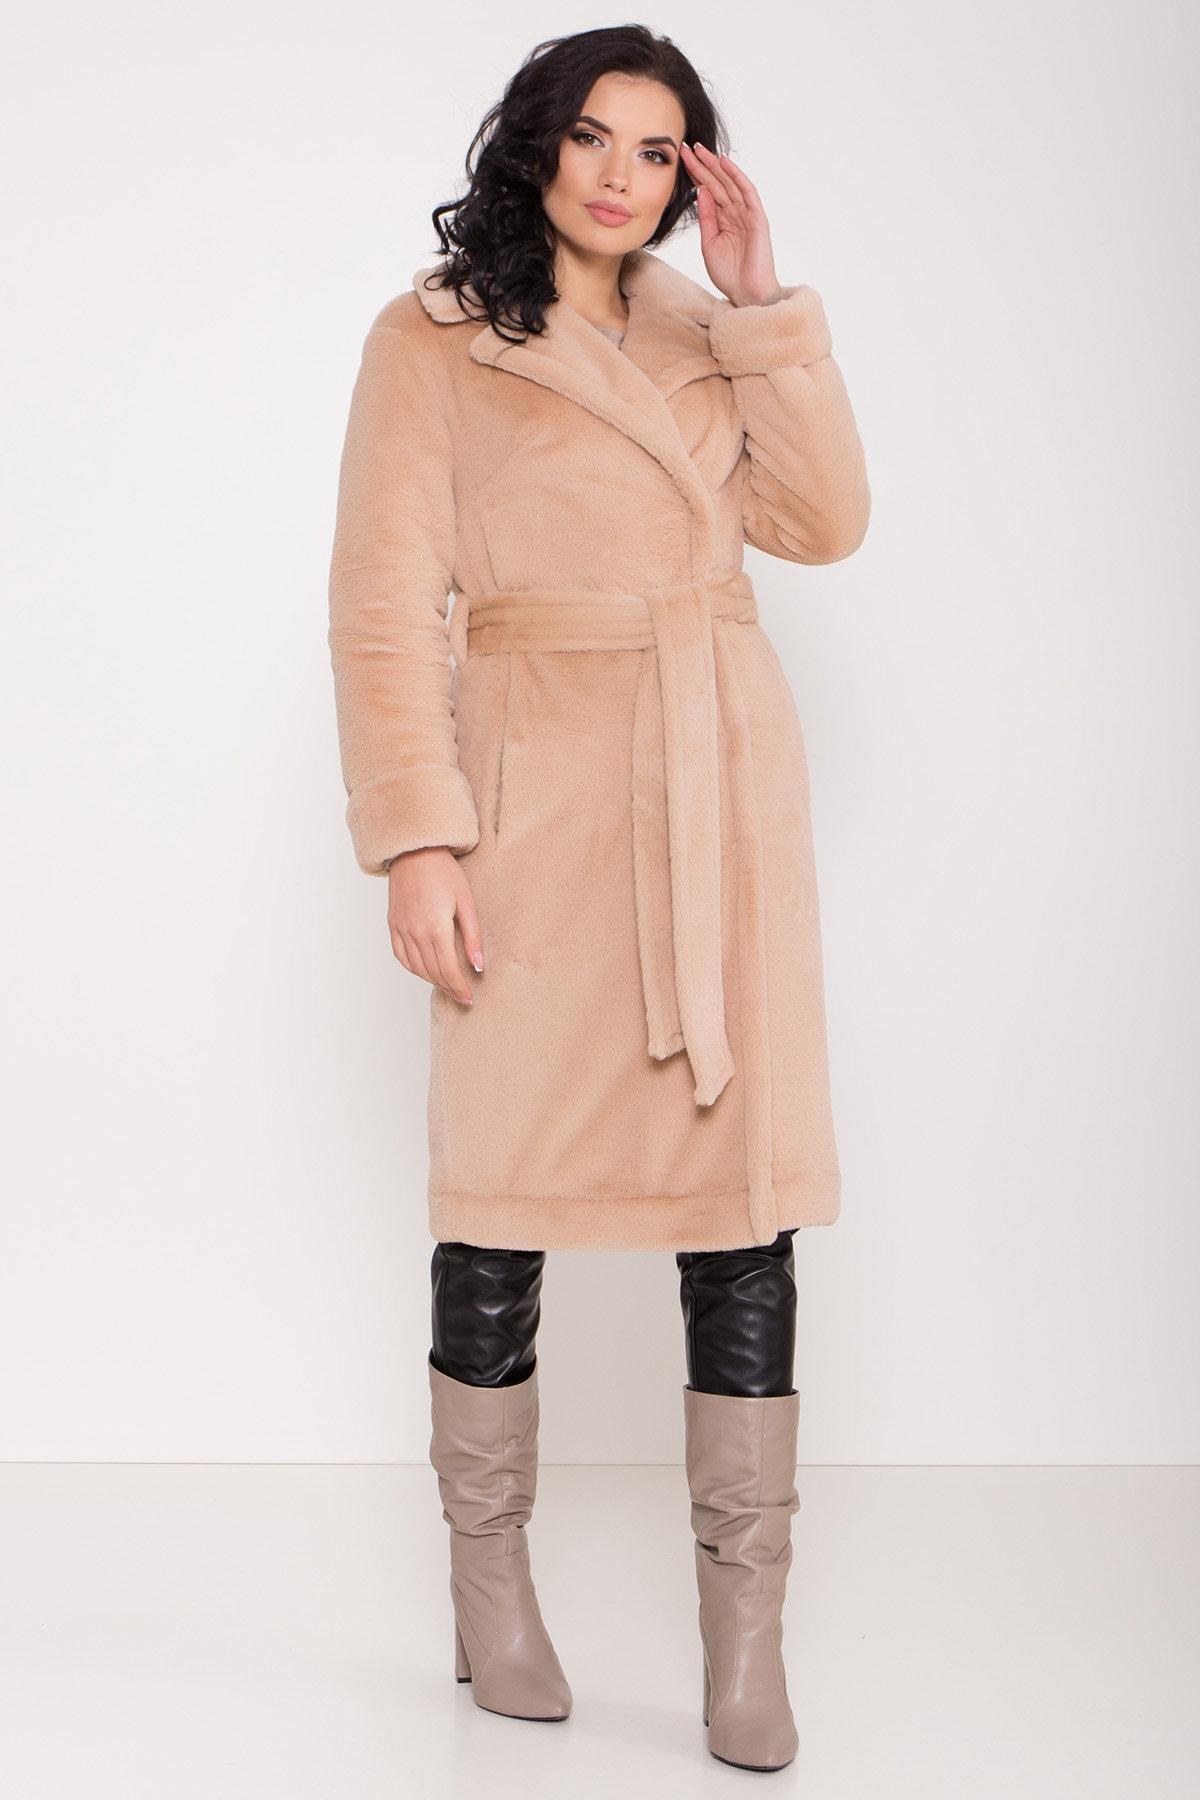 Зимнее пальто из искусственного меха норки Саманта 8641